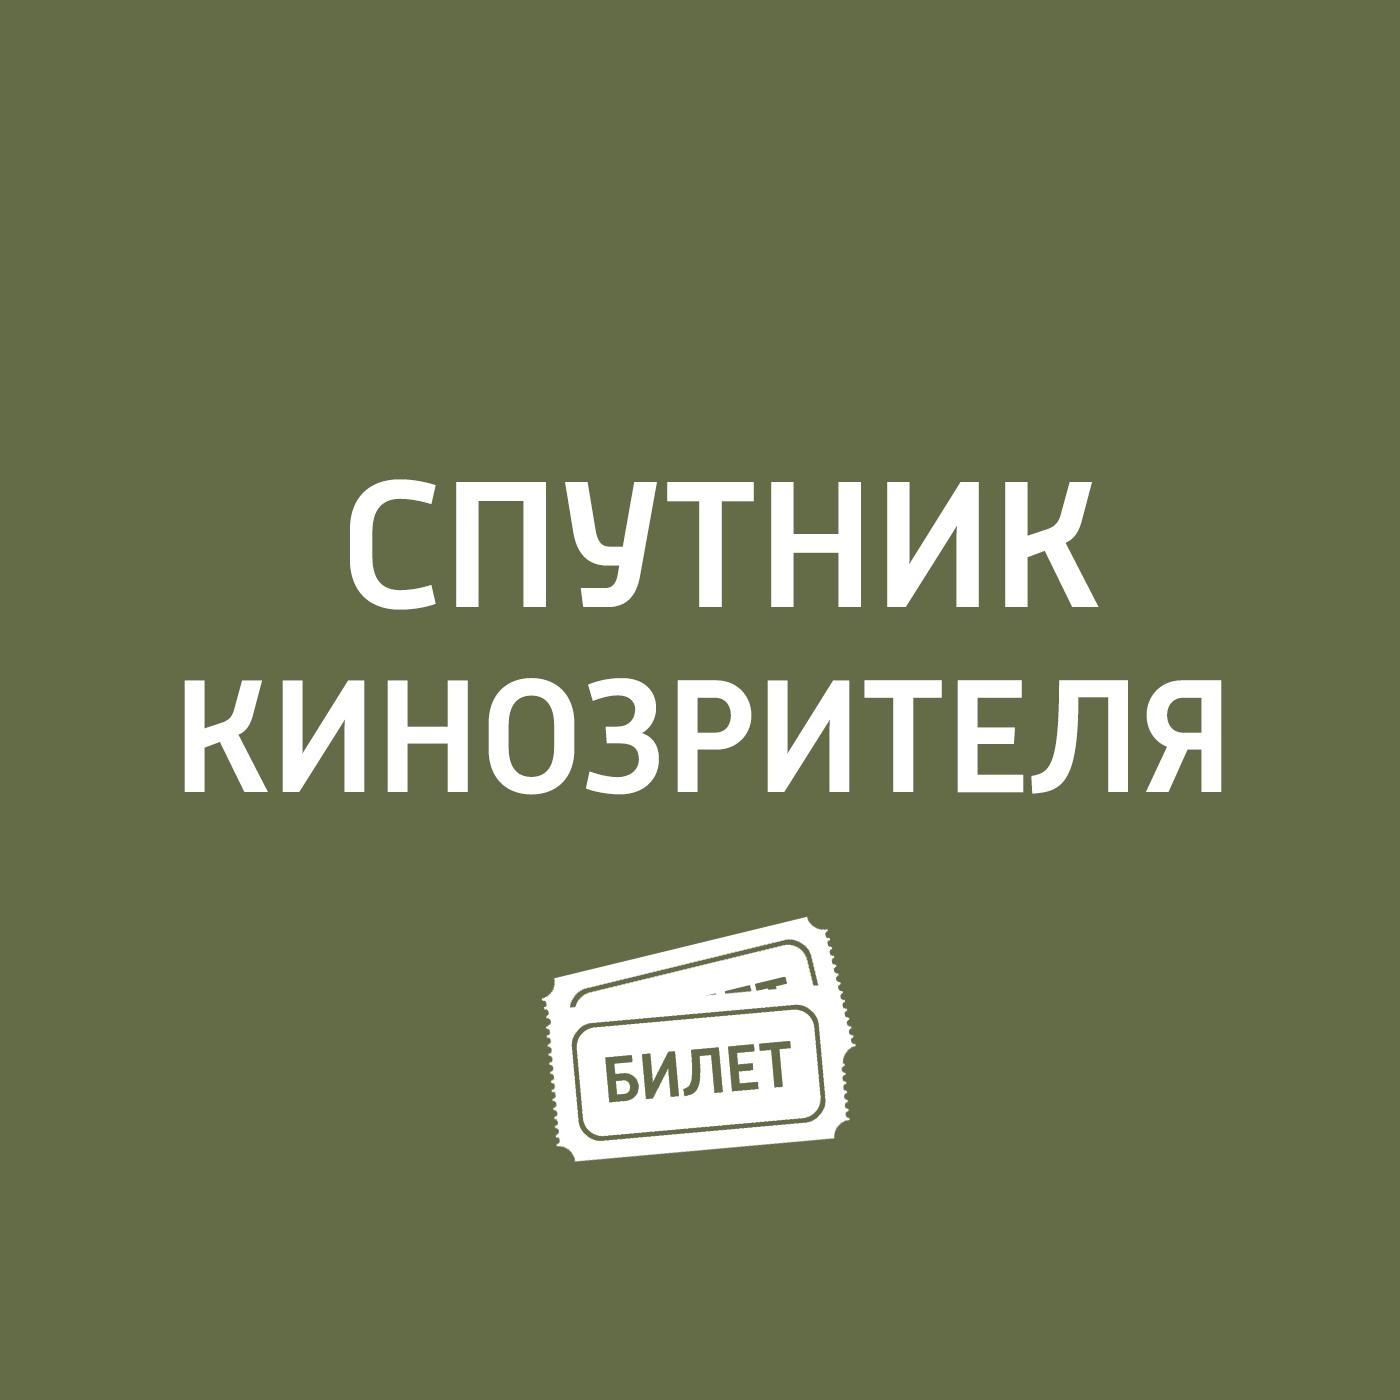 Антон Долин Безумный Макс: Дорога ярости, «Земля будущего, «Макбет, «Море деревьев цена